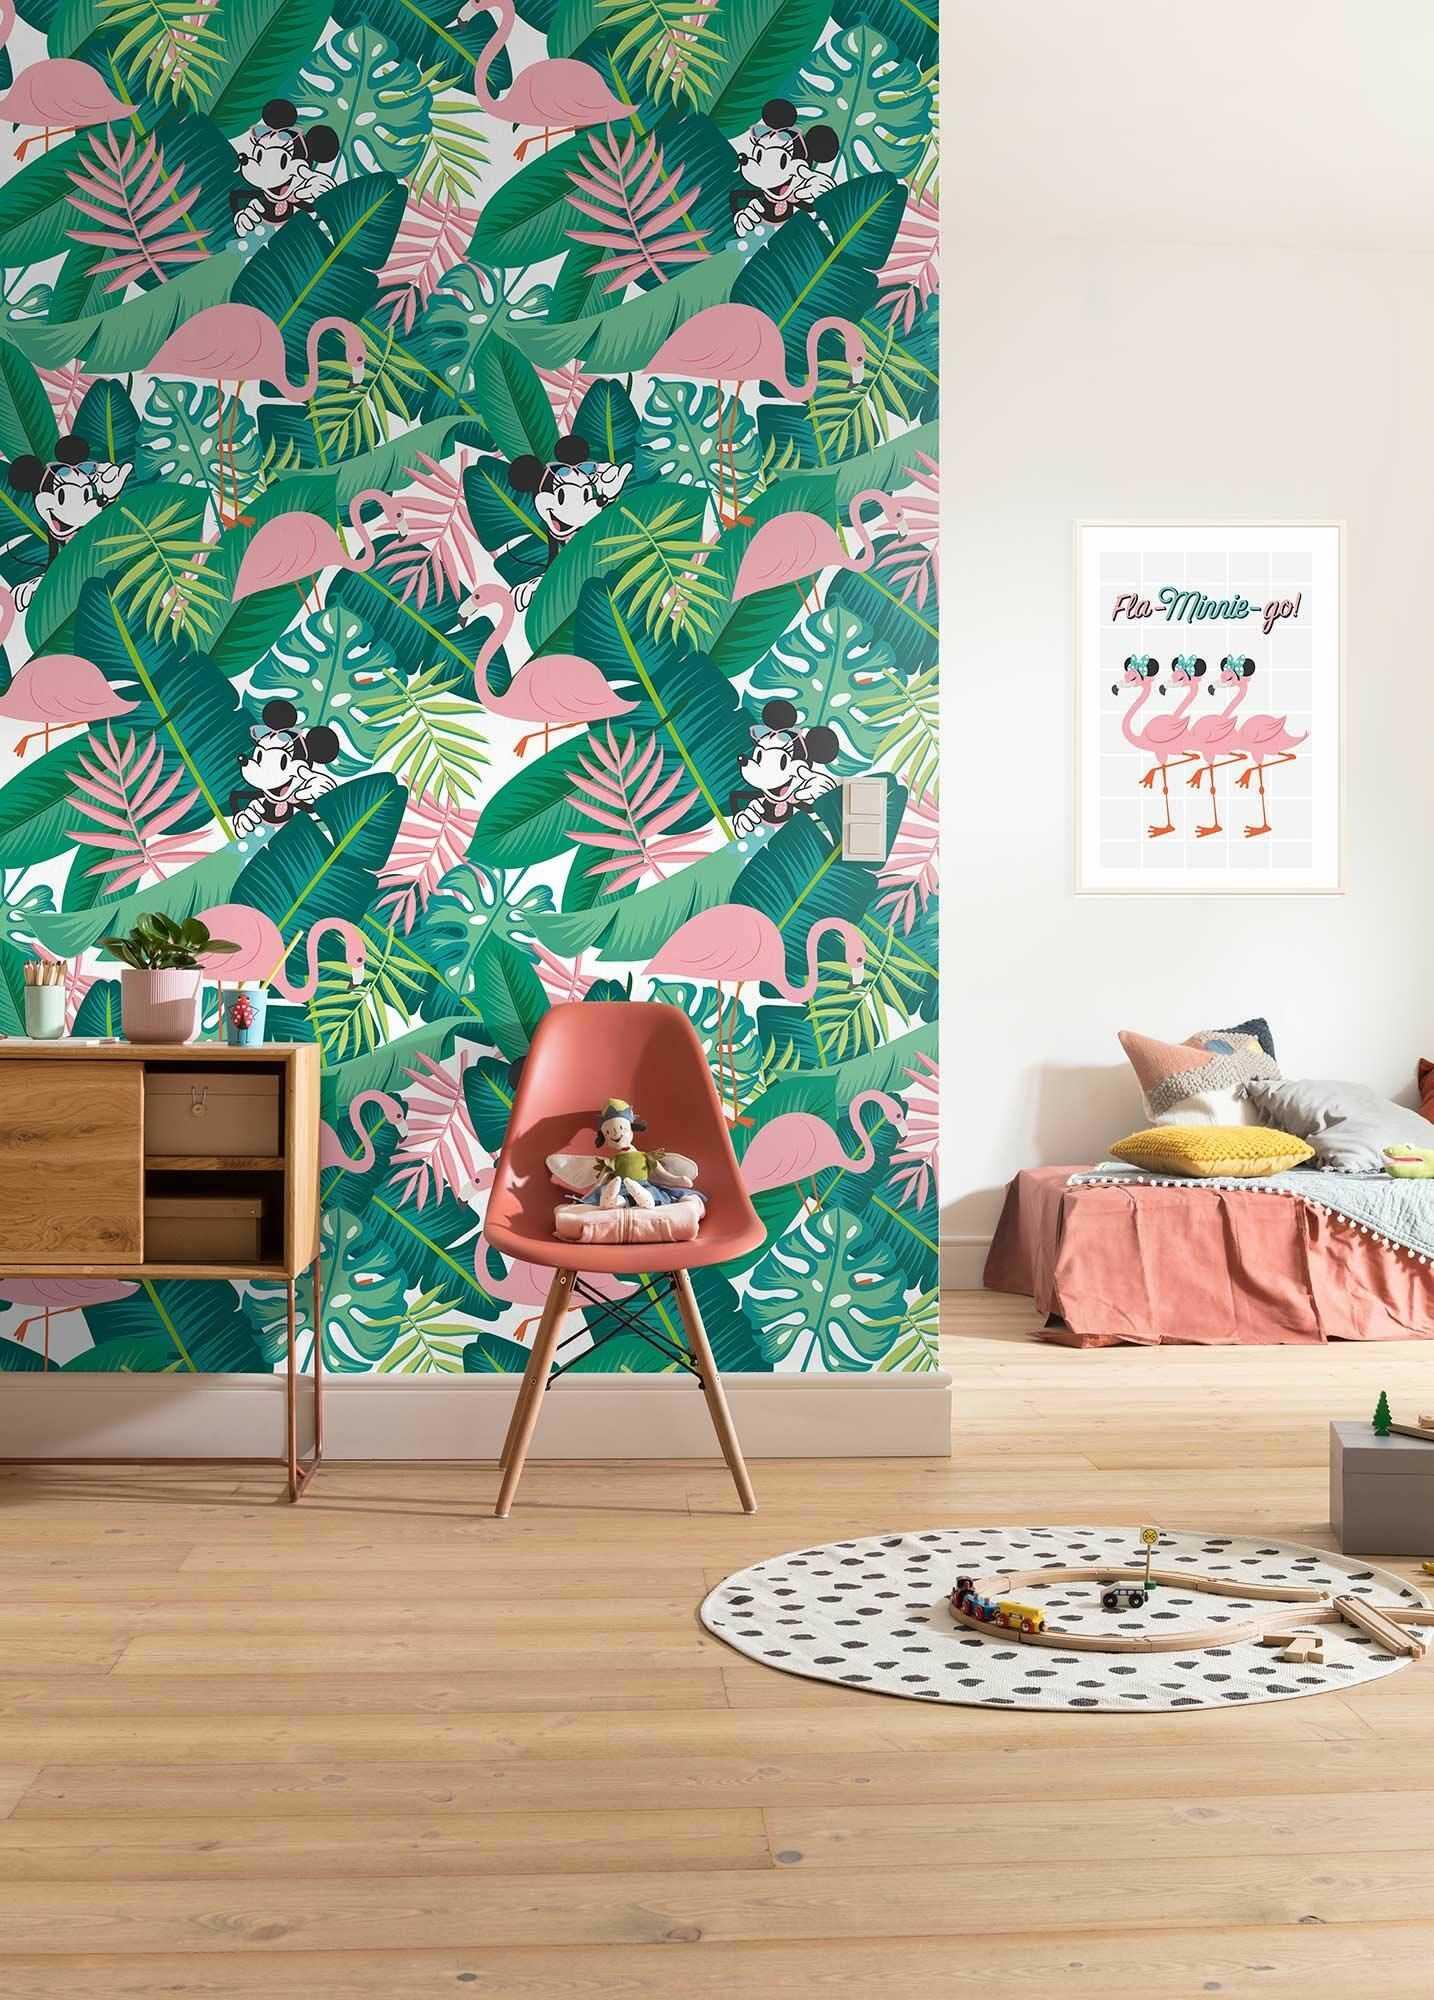 Komar Disney fototapeta Minnie Tropical - rozmiar 200 x 280 cm, pokój dziecięcy, dekoracja, tapeta